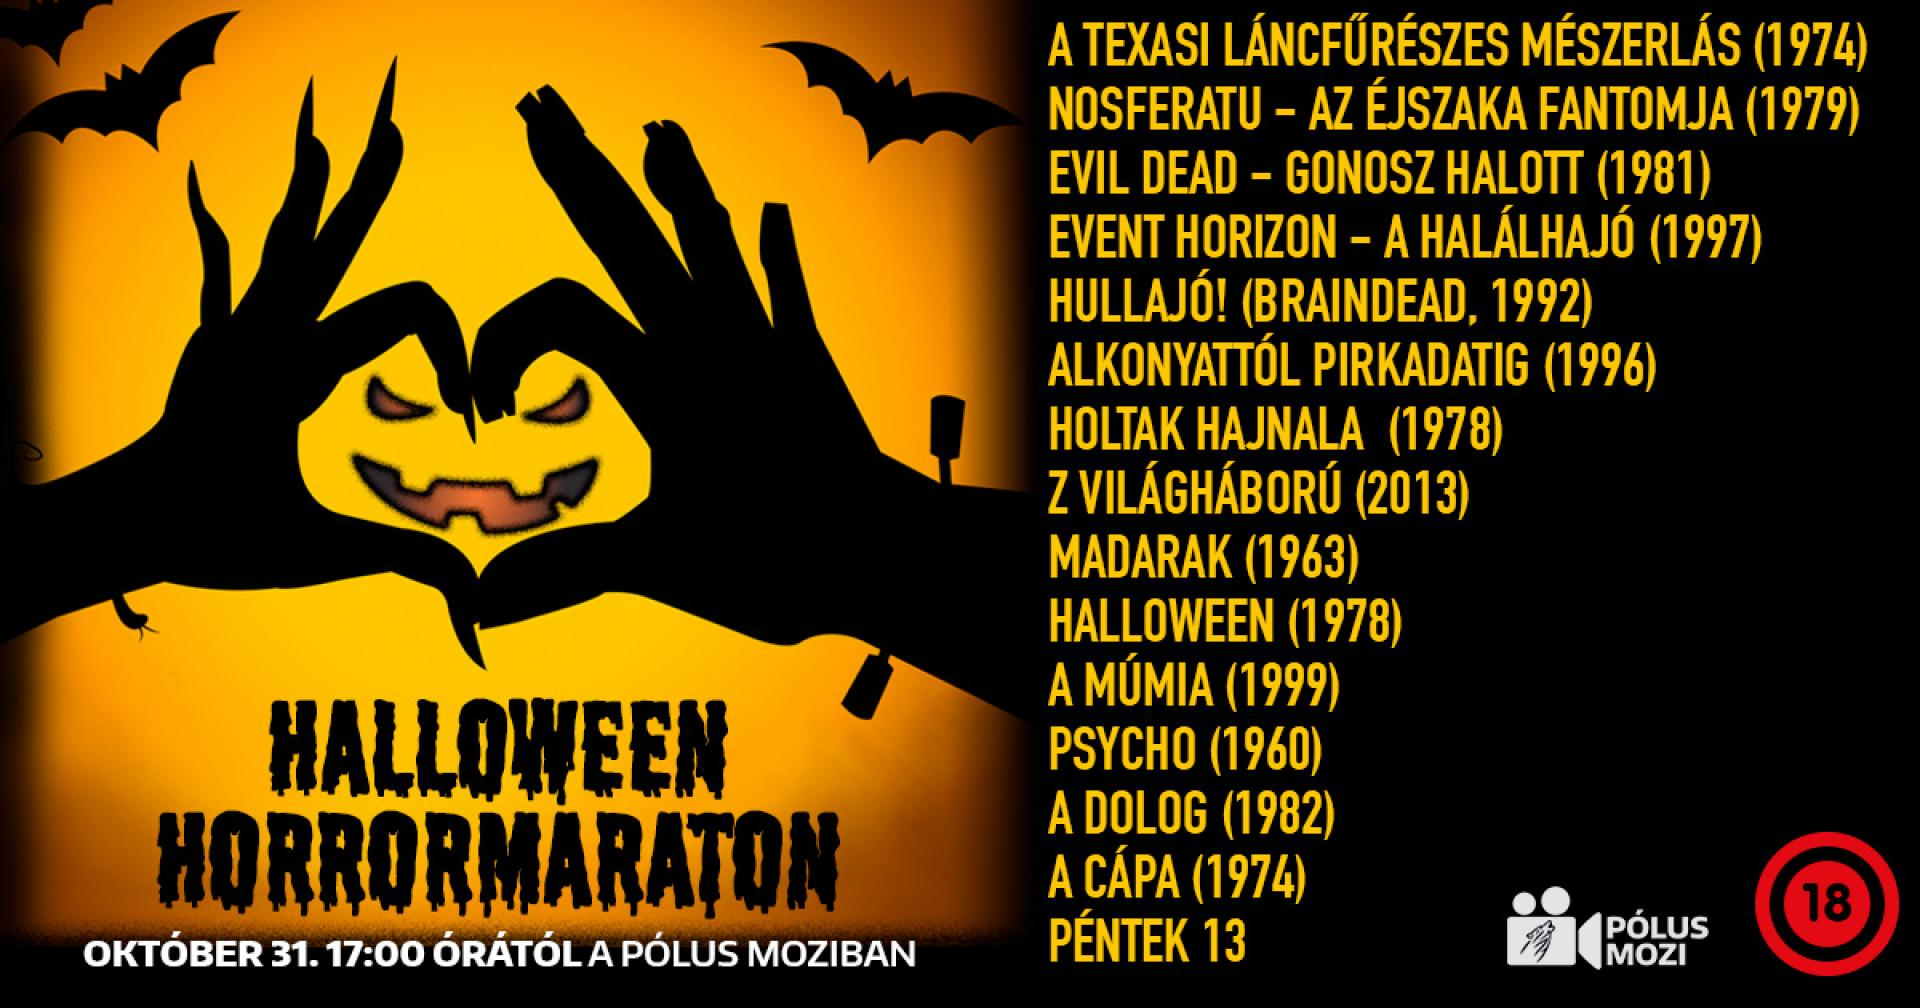 Horrormaraton Halloween éjszakáján a Pólus Moziban